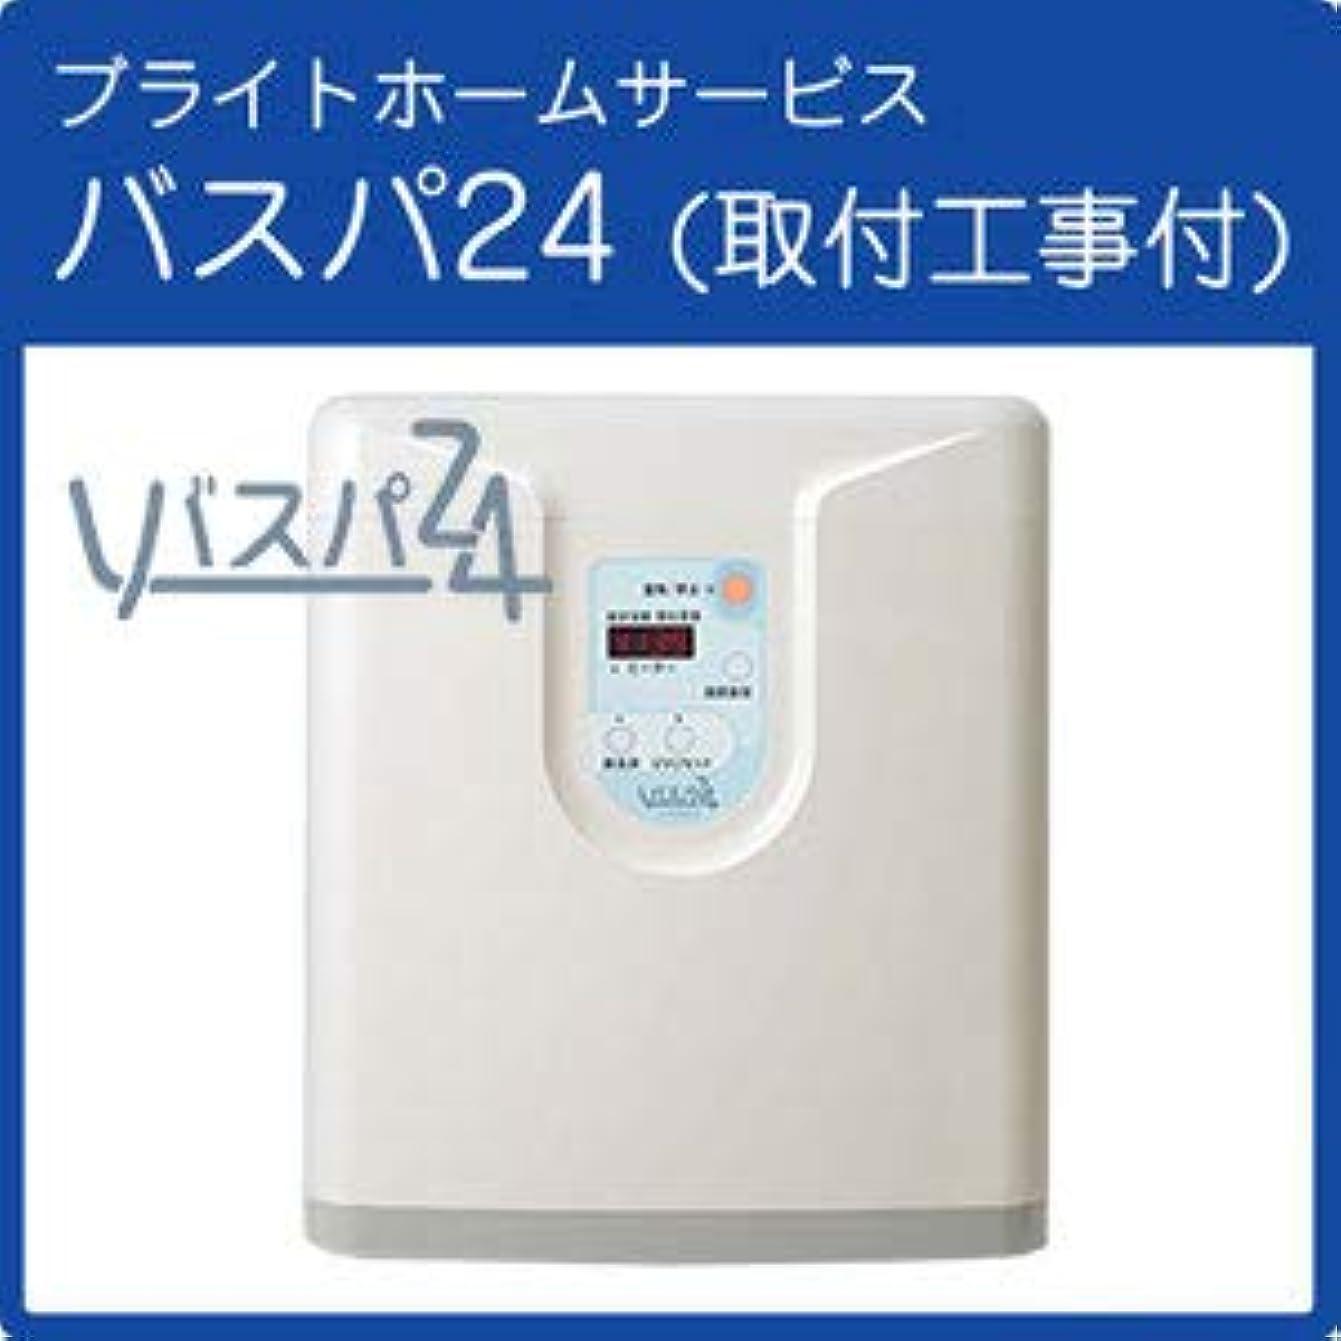 キルス香り逆にブライトホームサービス 24時間風呂 循環温浴器 バスパ24 BHS-02B お取付工事付